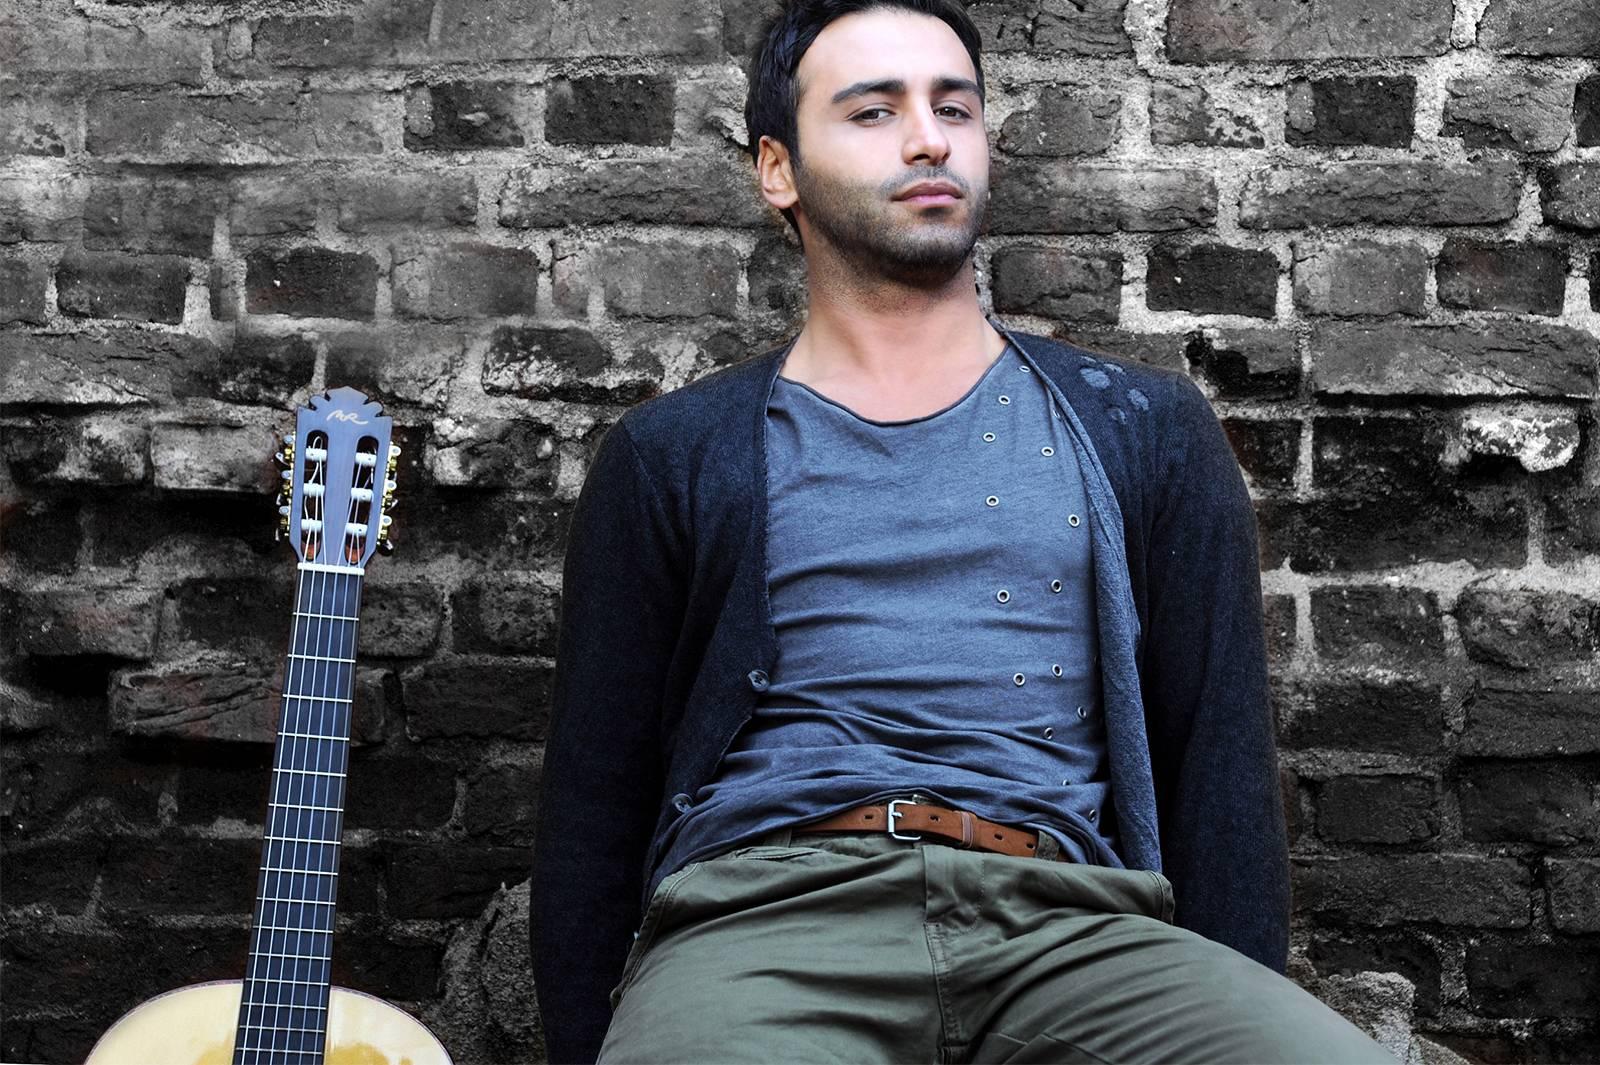 Eurovision'da birinci olacak şarkı neden Emre Kaya'da?